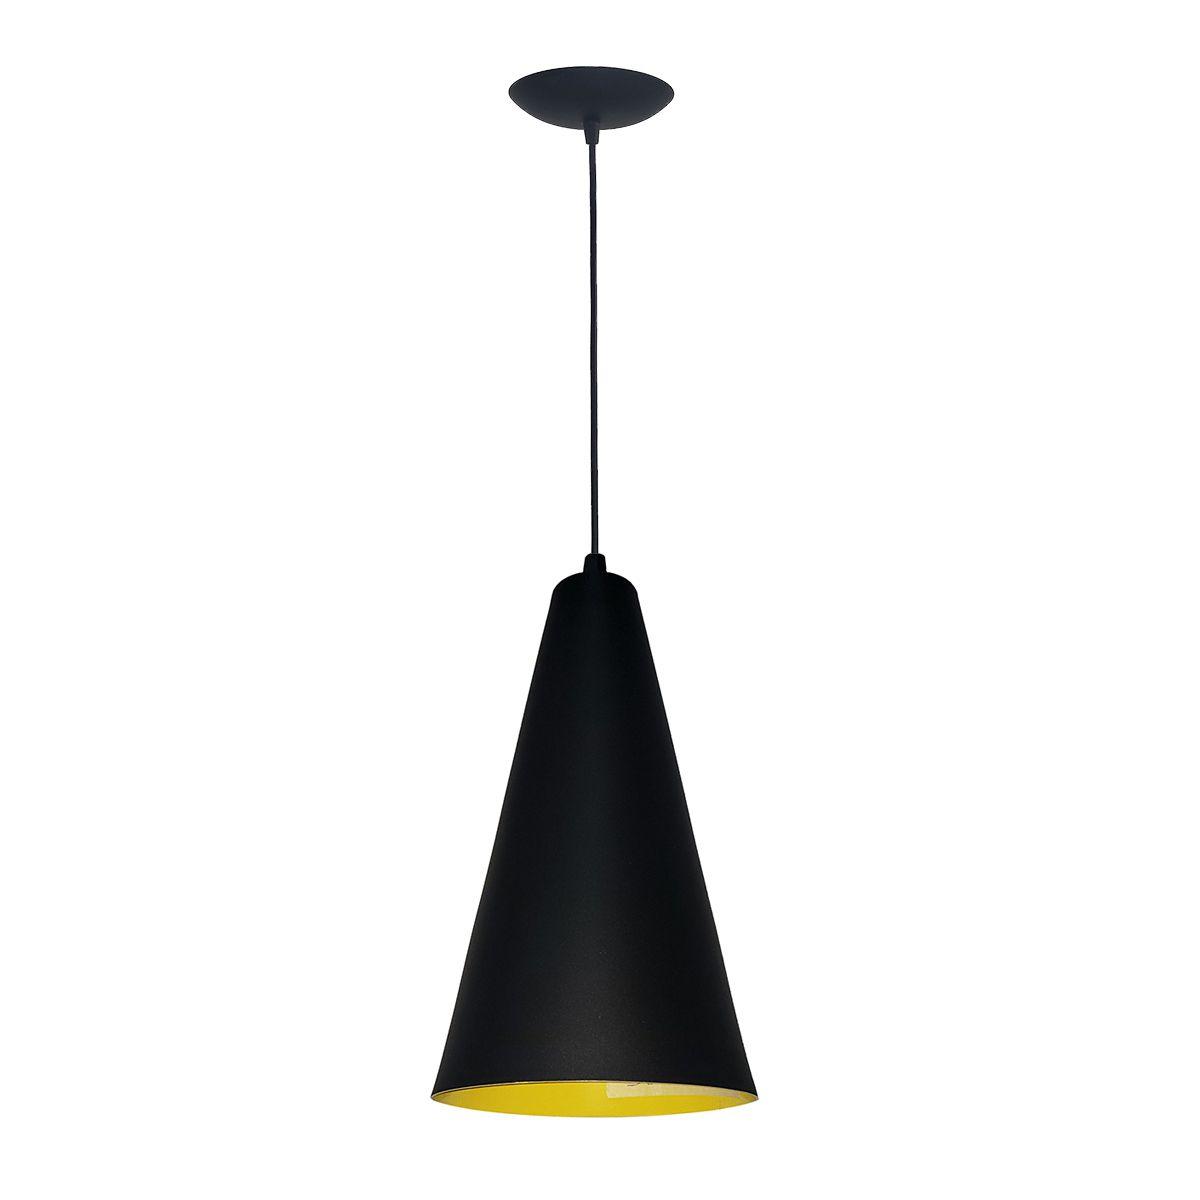 Luminária Decorativa Cônico 20 Preto/Amarelo com Pendente